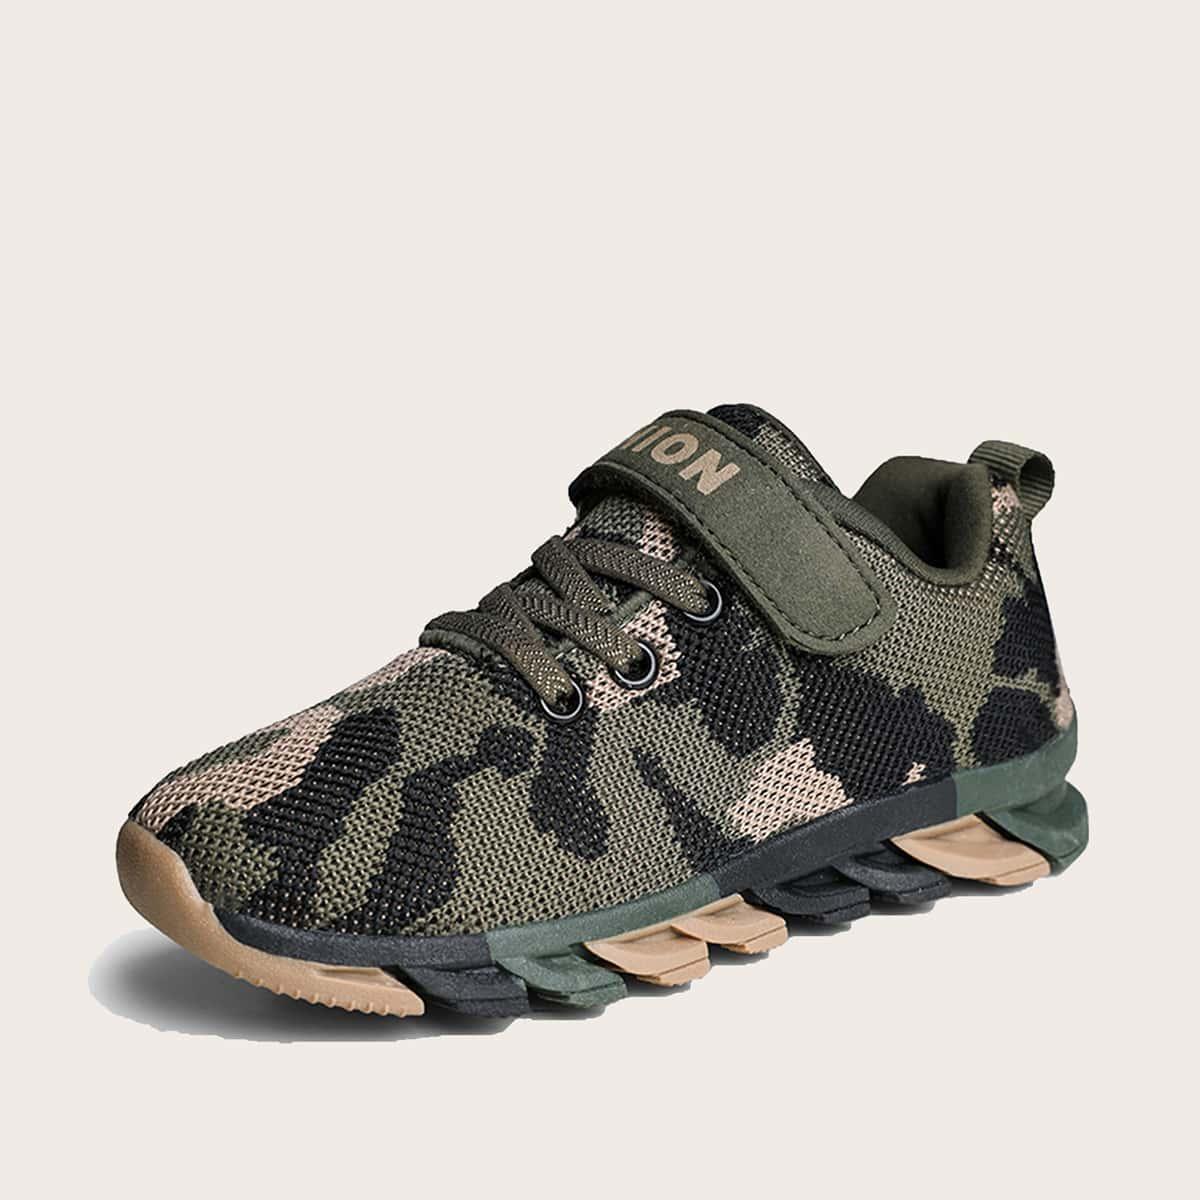 Кроссовки с камуфляжным принтом для мальчиков SheIn skshoes03201201853